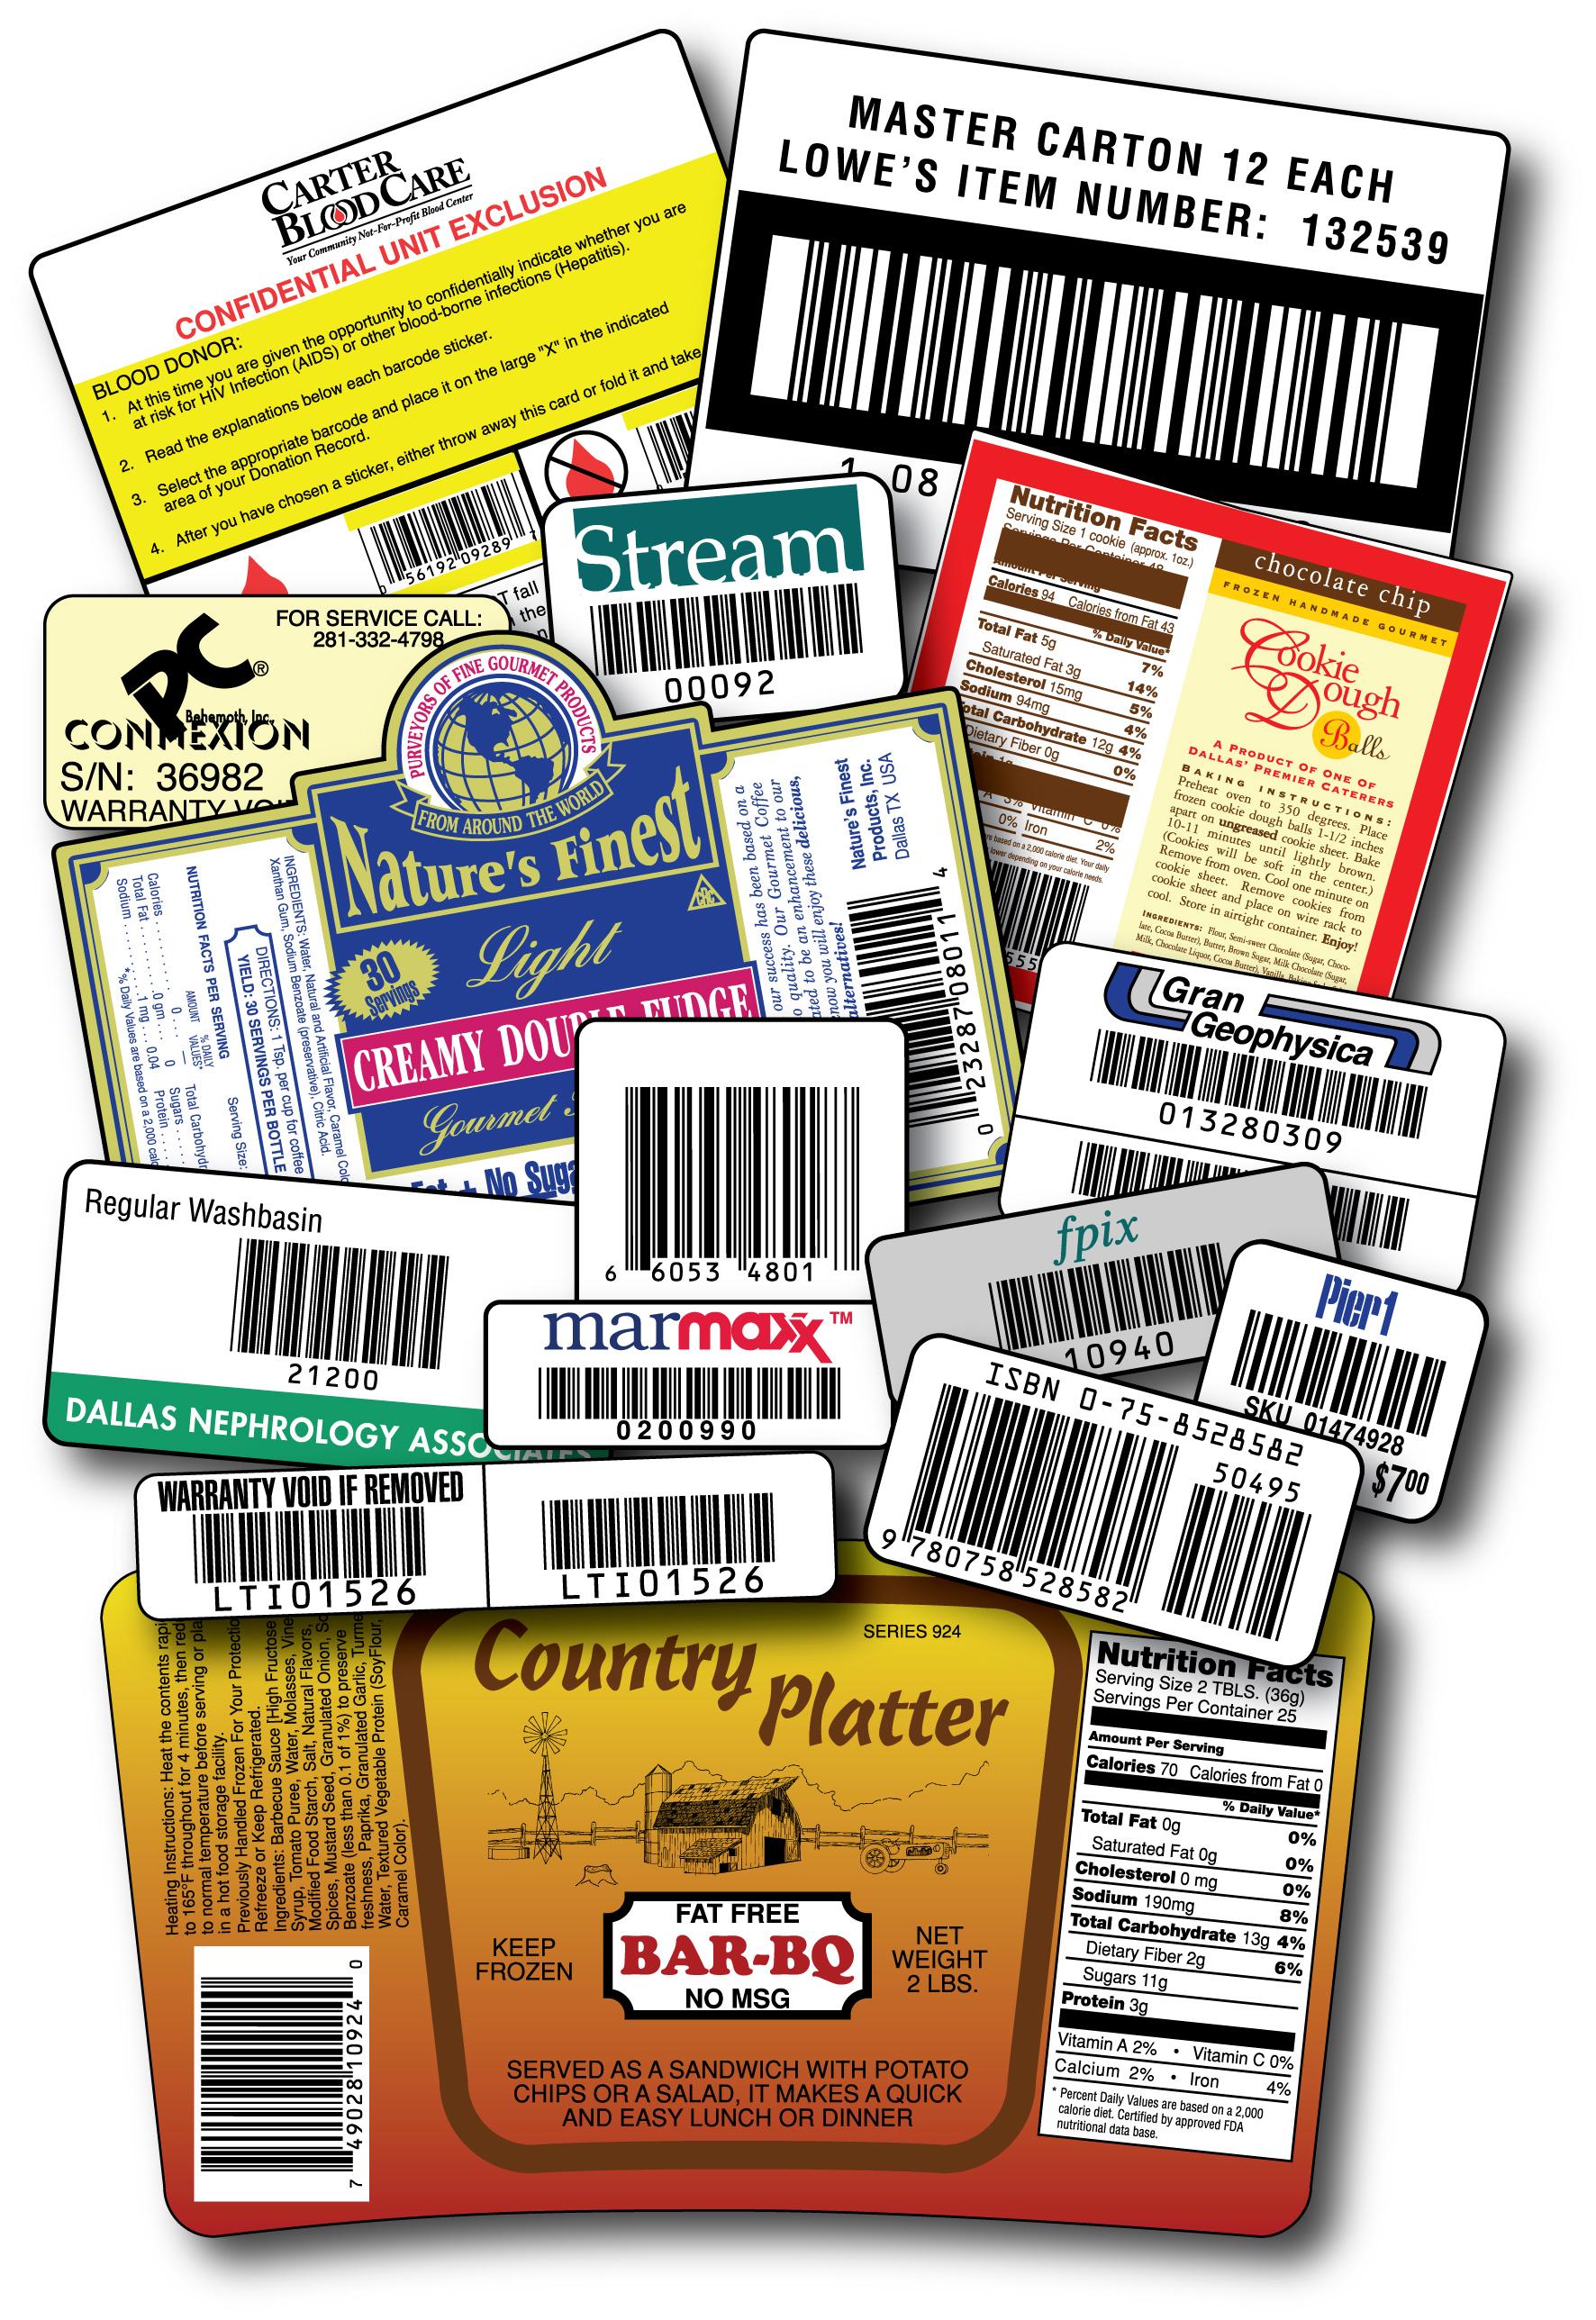 custom-printed-barcode-labels